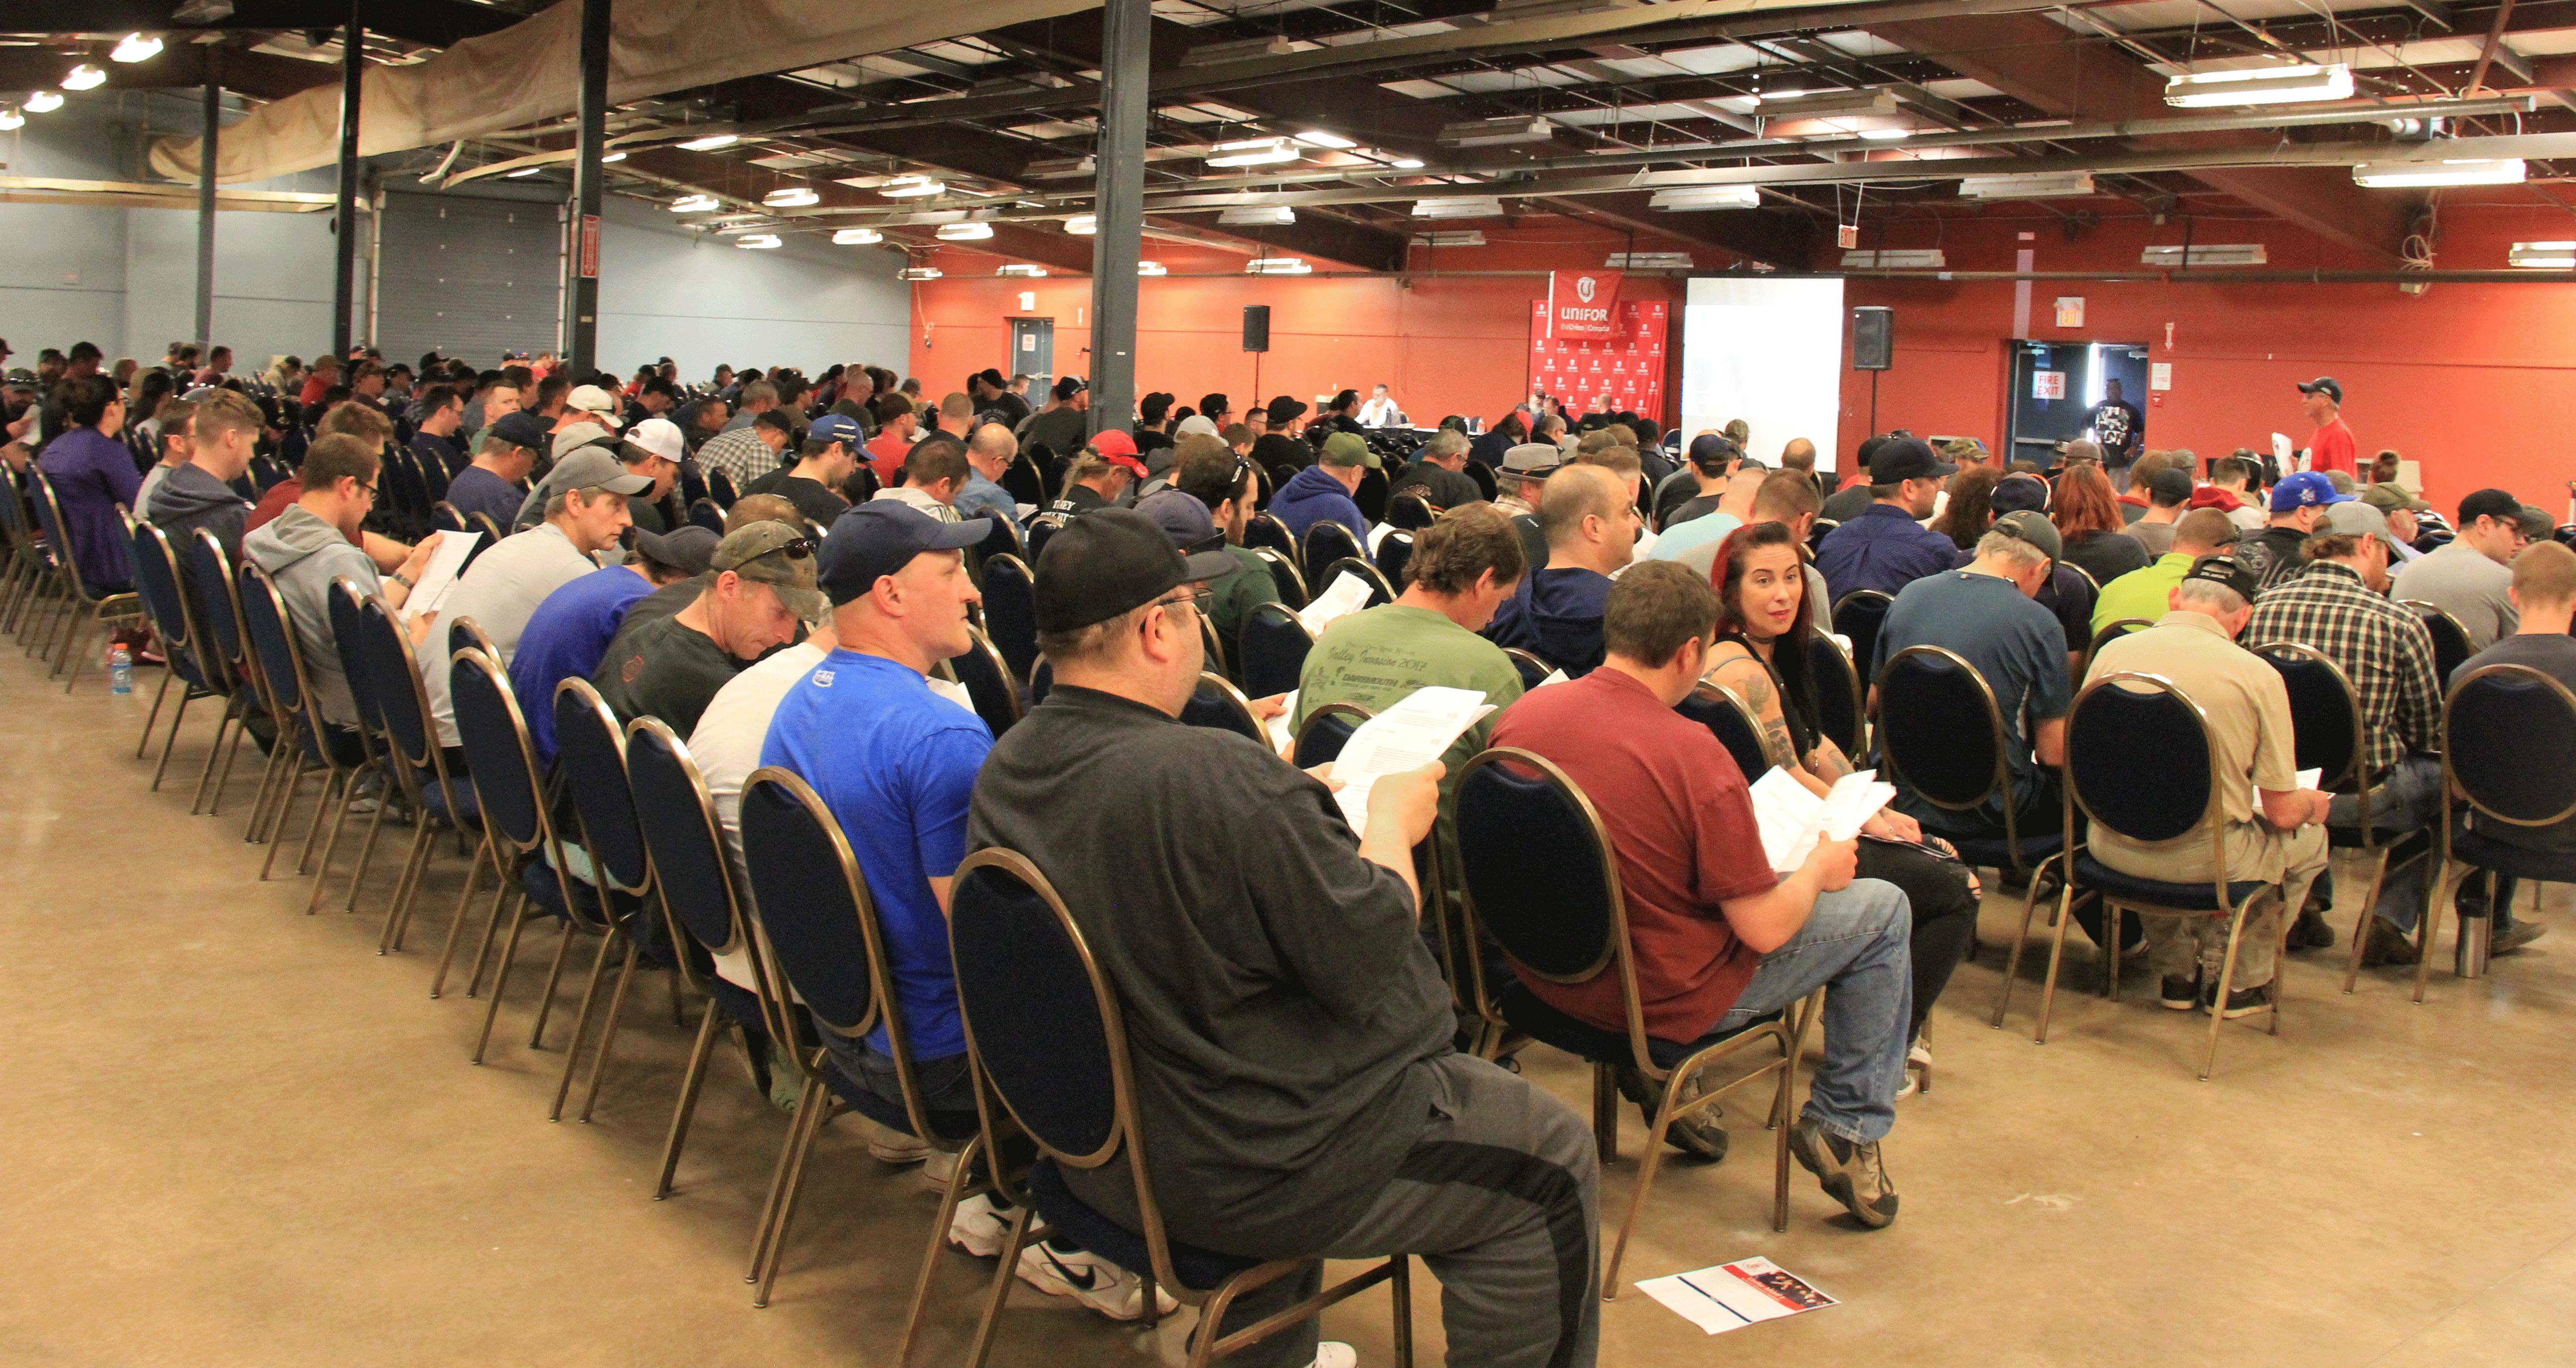 1 000 membres du chantier naval d'Halifax sont assis dans la salle de réunion lors d'une réunion de négociation.